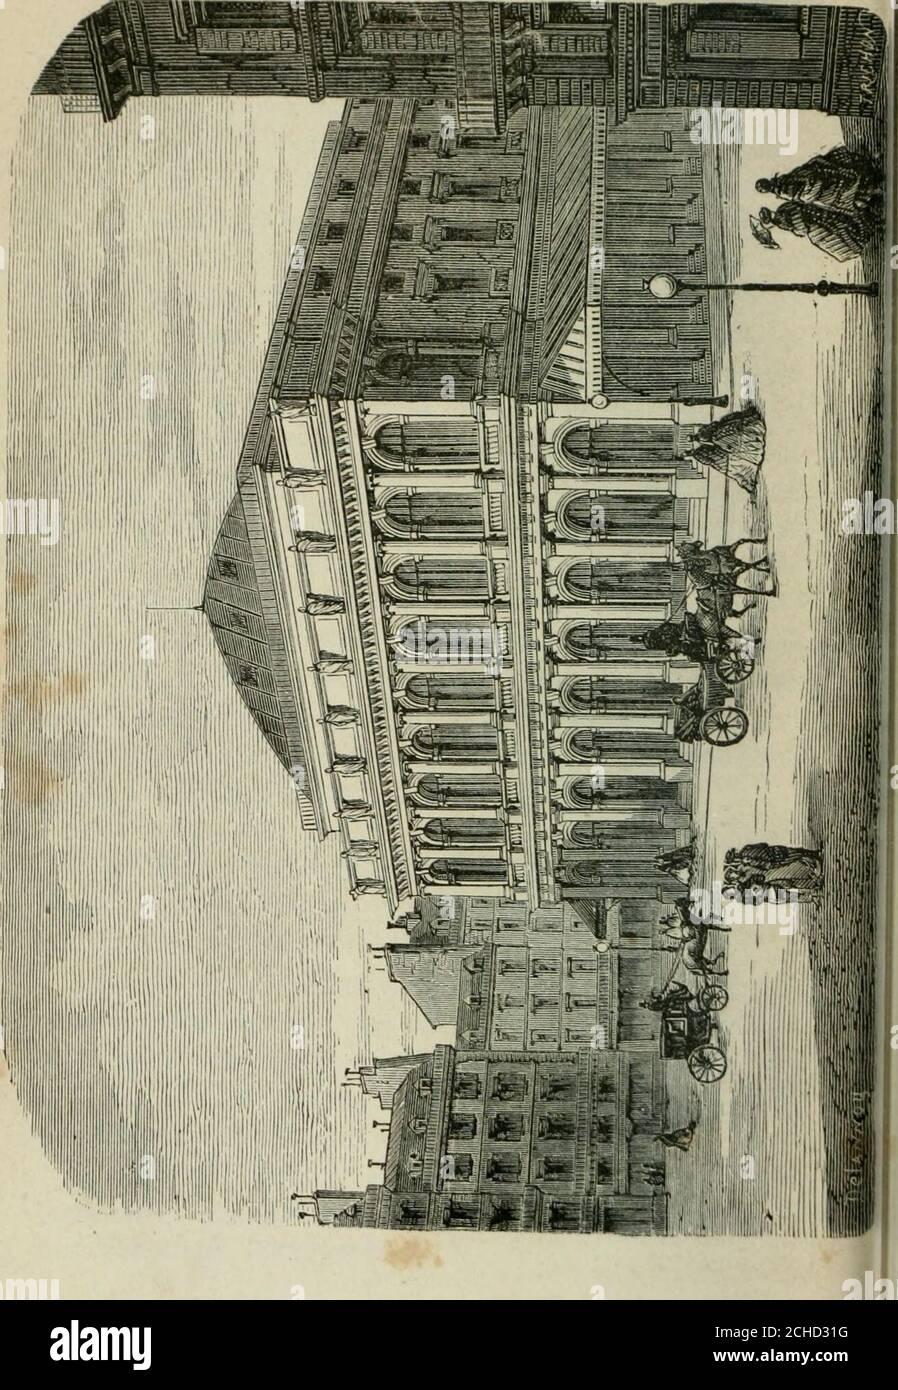 . Les merveilles du nouveau Paris-- . Cependant le publiccessa de se porter à la Comédie-Italienne et donna la pré-férence à lOpéra-Comique. En 1780, les comédiens italiensse retirèrent; mais la troupe continua à exploiter le théâtresous le nom de Comédie-Italienne. En 1785, ce théâtre futtransporté dans la salle occupée aujourdhui par le théâtrede lOpéra-Comique, sur le boulevard des Italiens. Le théâtre de lOpéra-Comique succéda à ceux de la Foire,où les comédiens italiens représentaient des pièces à ariet-tes. Il fut installé en 1716, à lhôtel de Bourgogne. Le succès de cette nouvelle scène Stock Photo